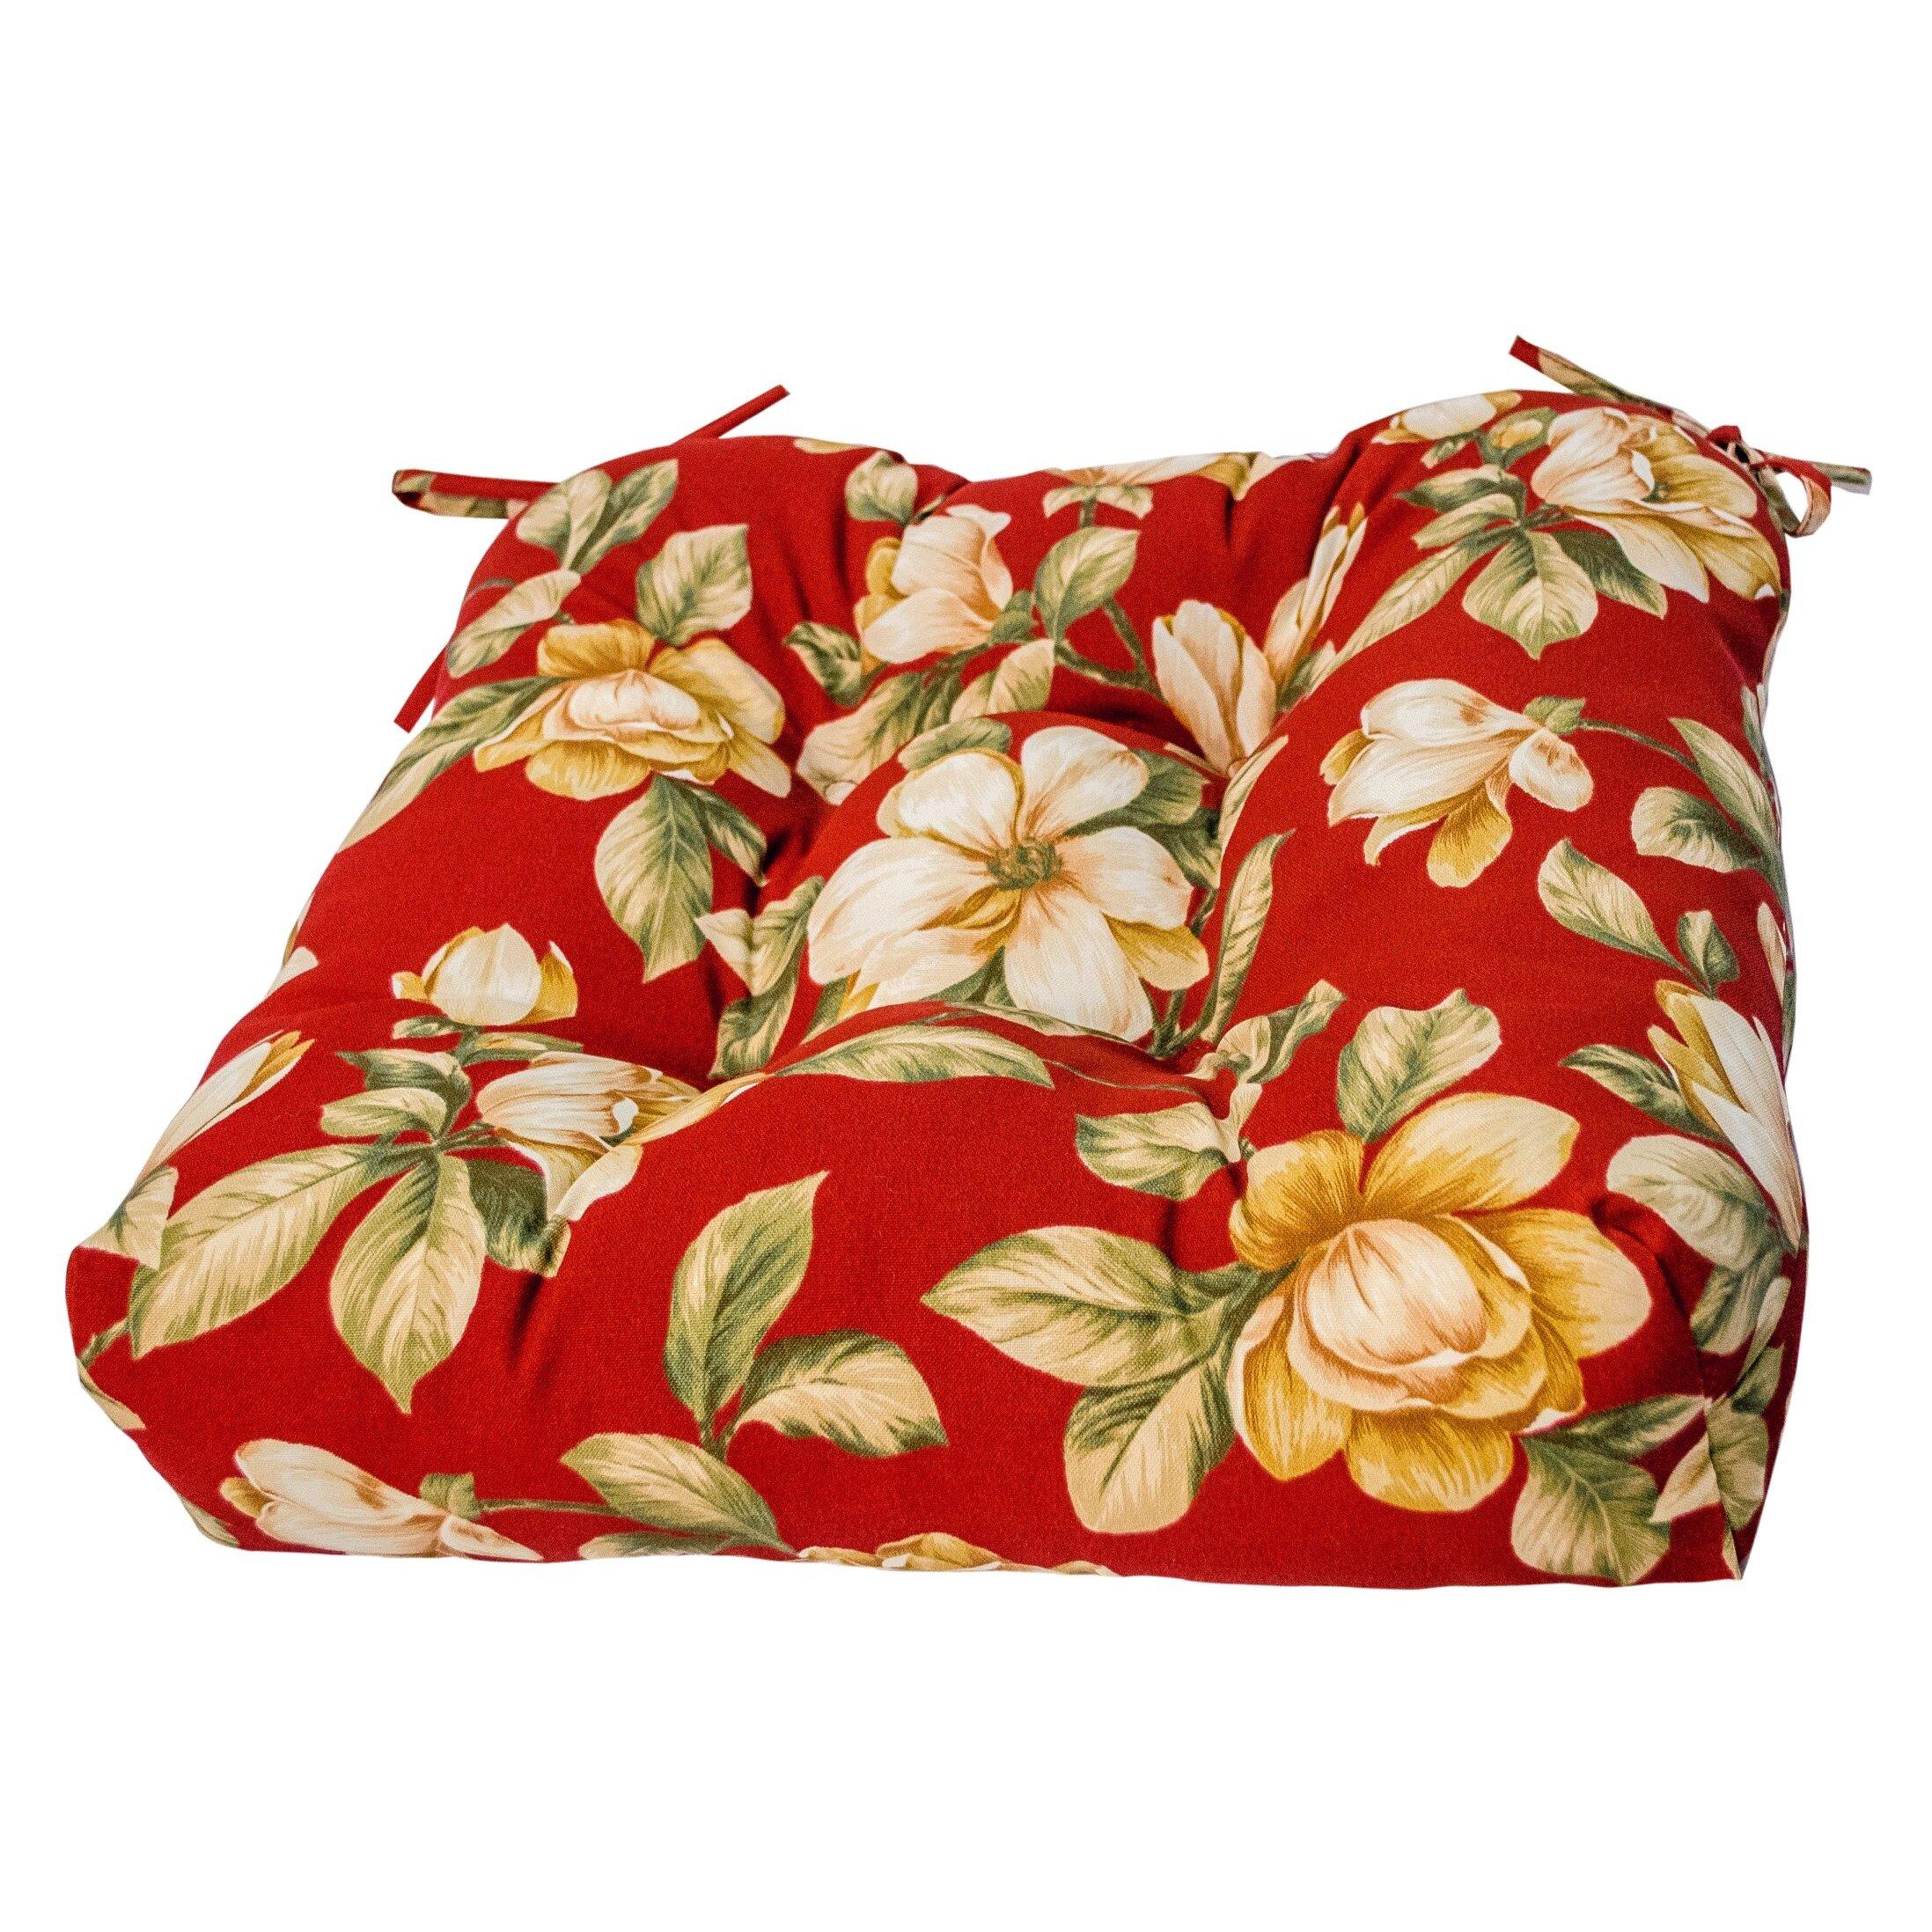 Make Wicker Chair Cushions Outdoor Chair Cushion I